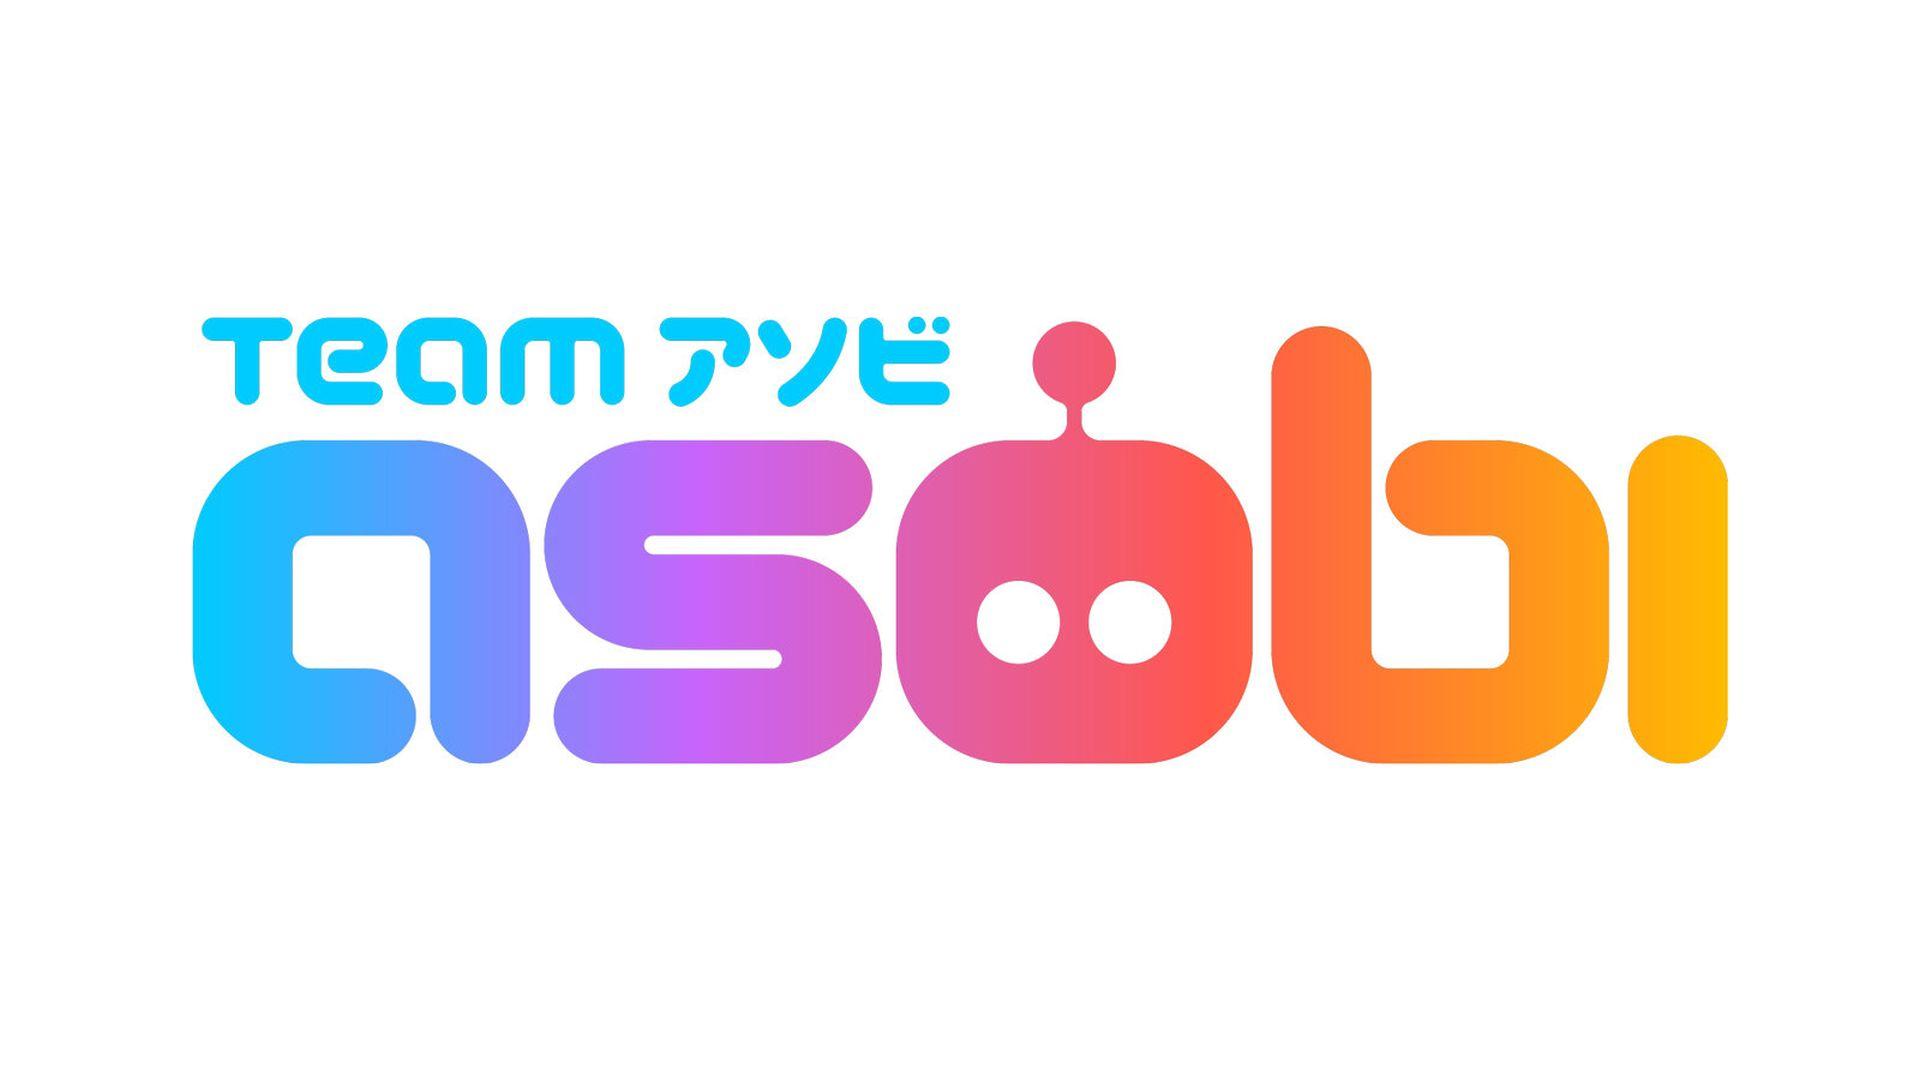 استودیو Team Asobi